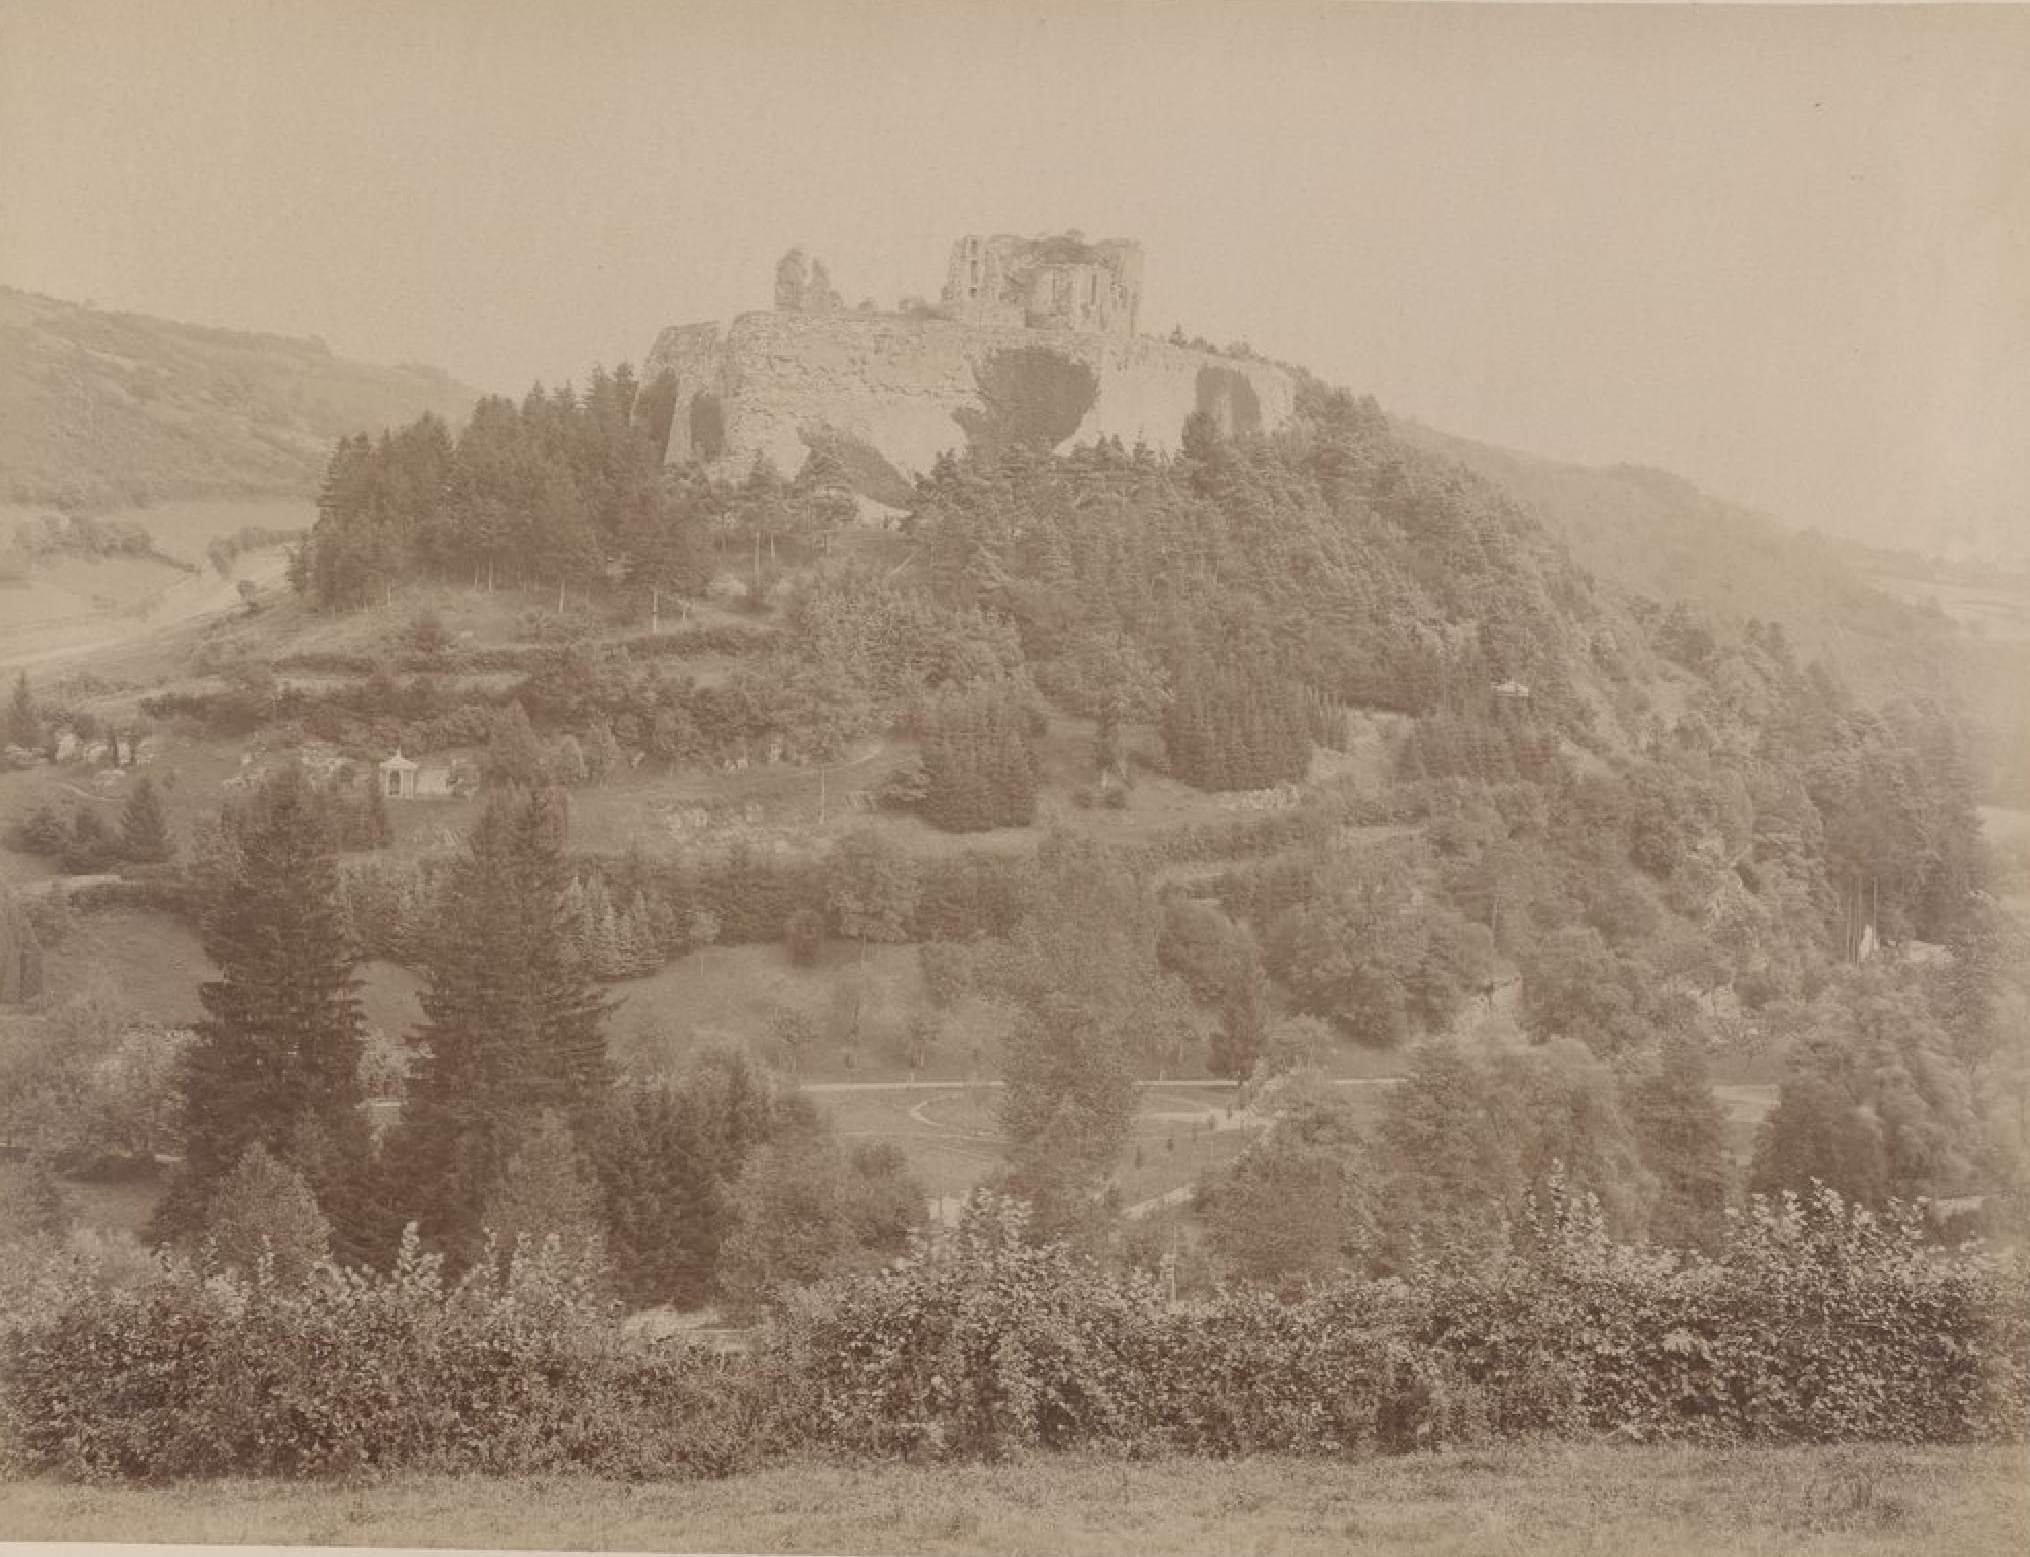 Бельгия. Окрестности Спа. Руины Франчаймонта, 21 мая 1888